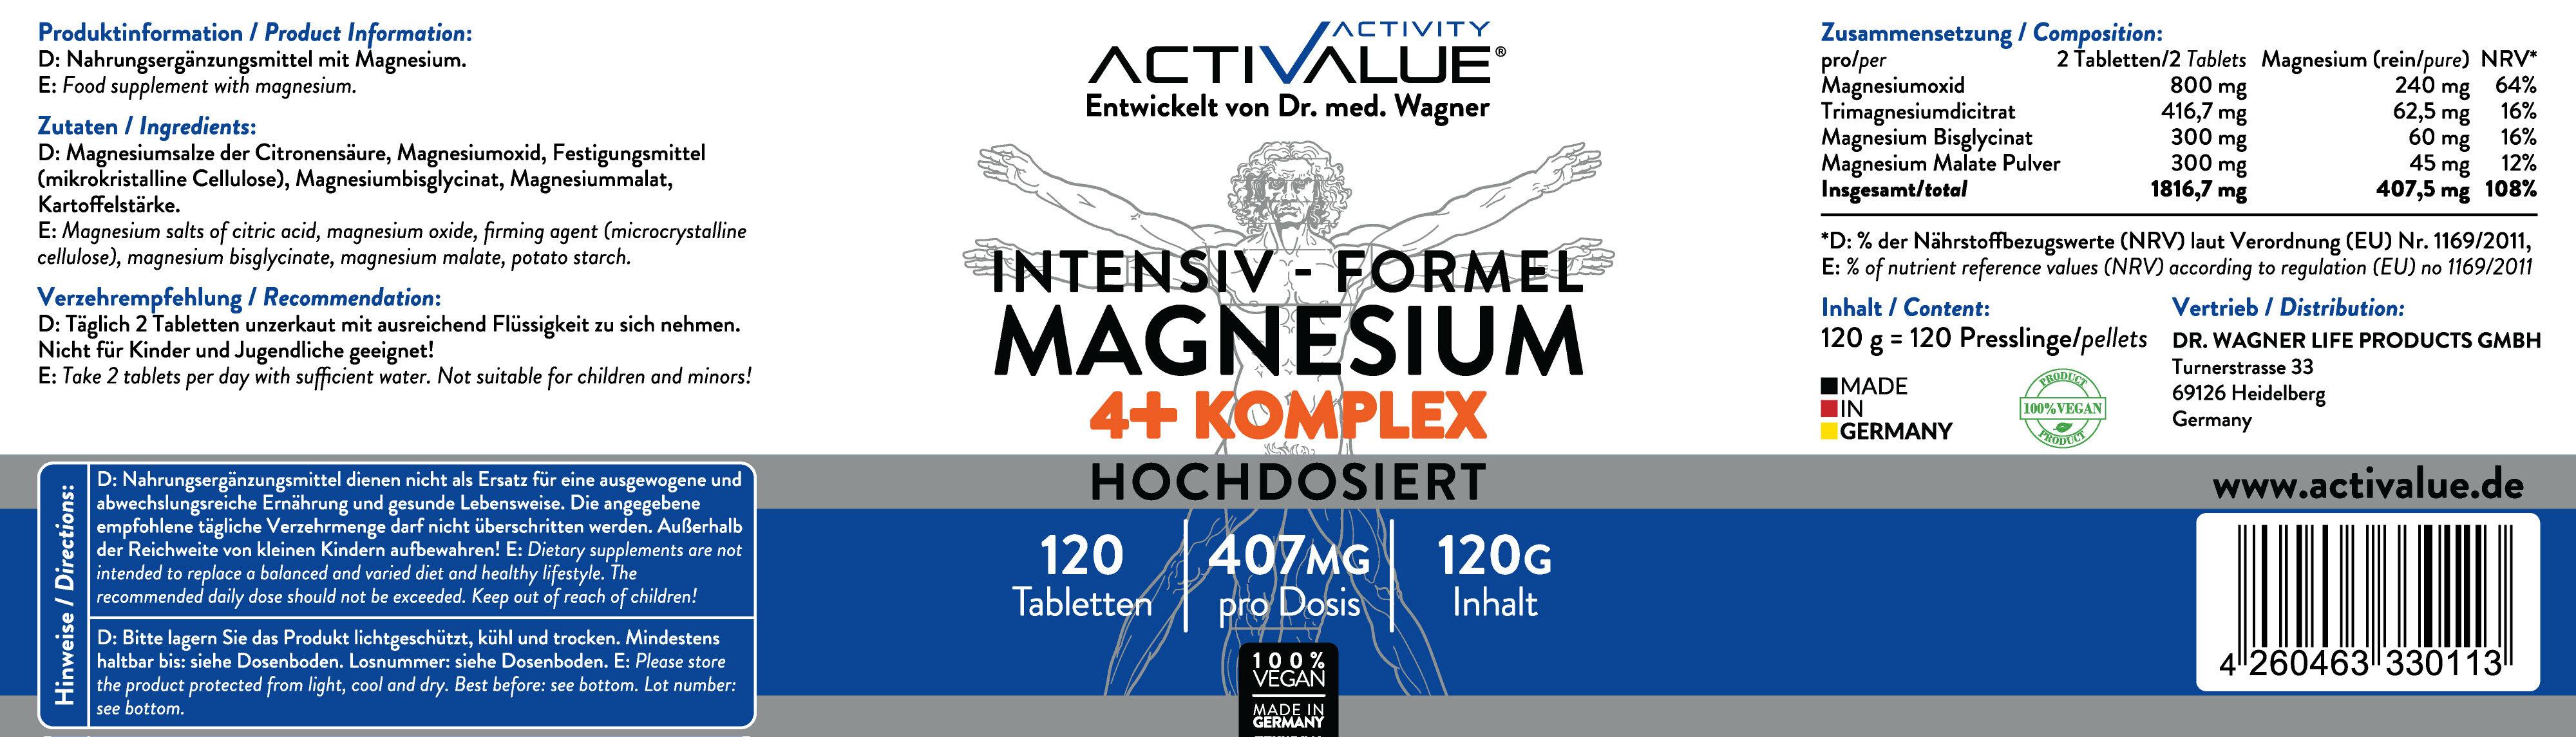 ACTIVALUE-MAGNESIUMKOMPLEX_Label